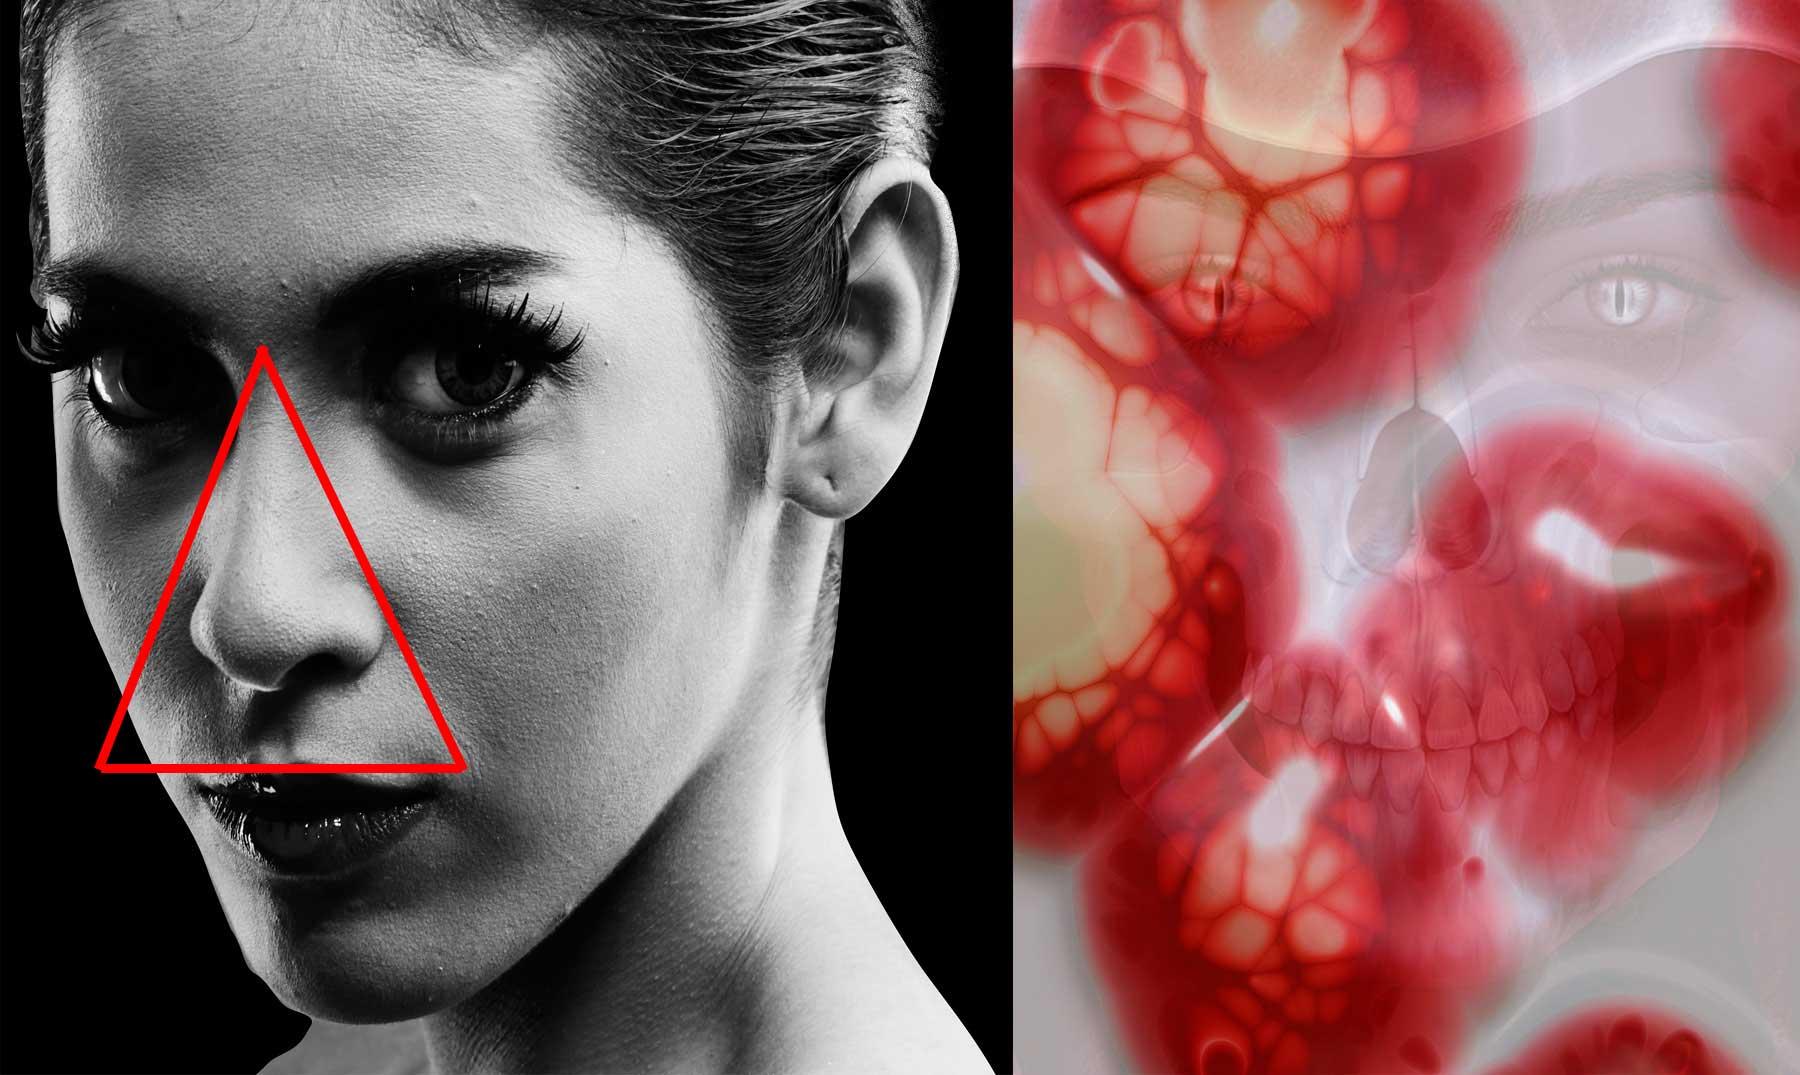 Hay un triángulo de la muerte en tu cara y tocarlo mucho podría ser ...